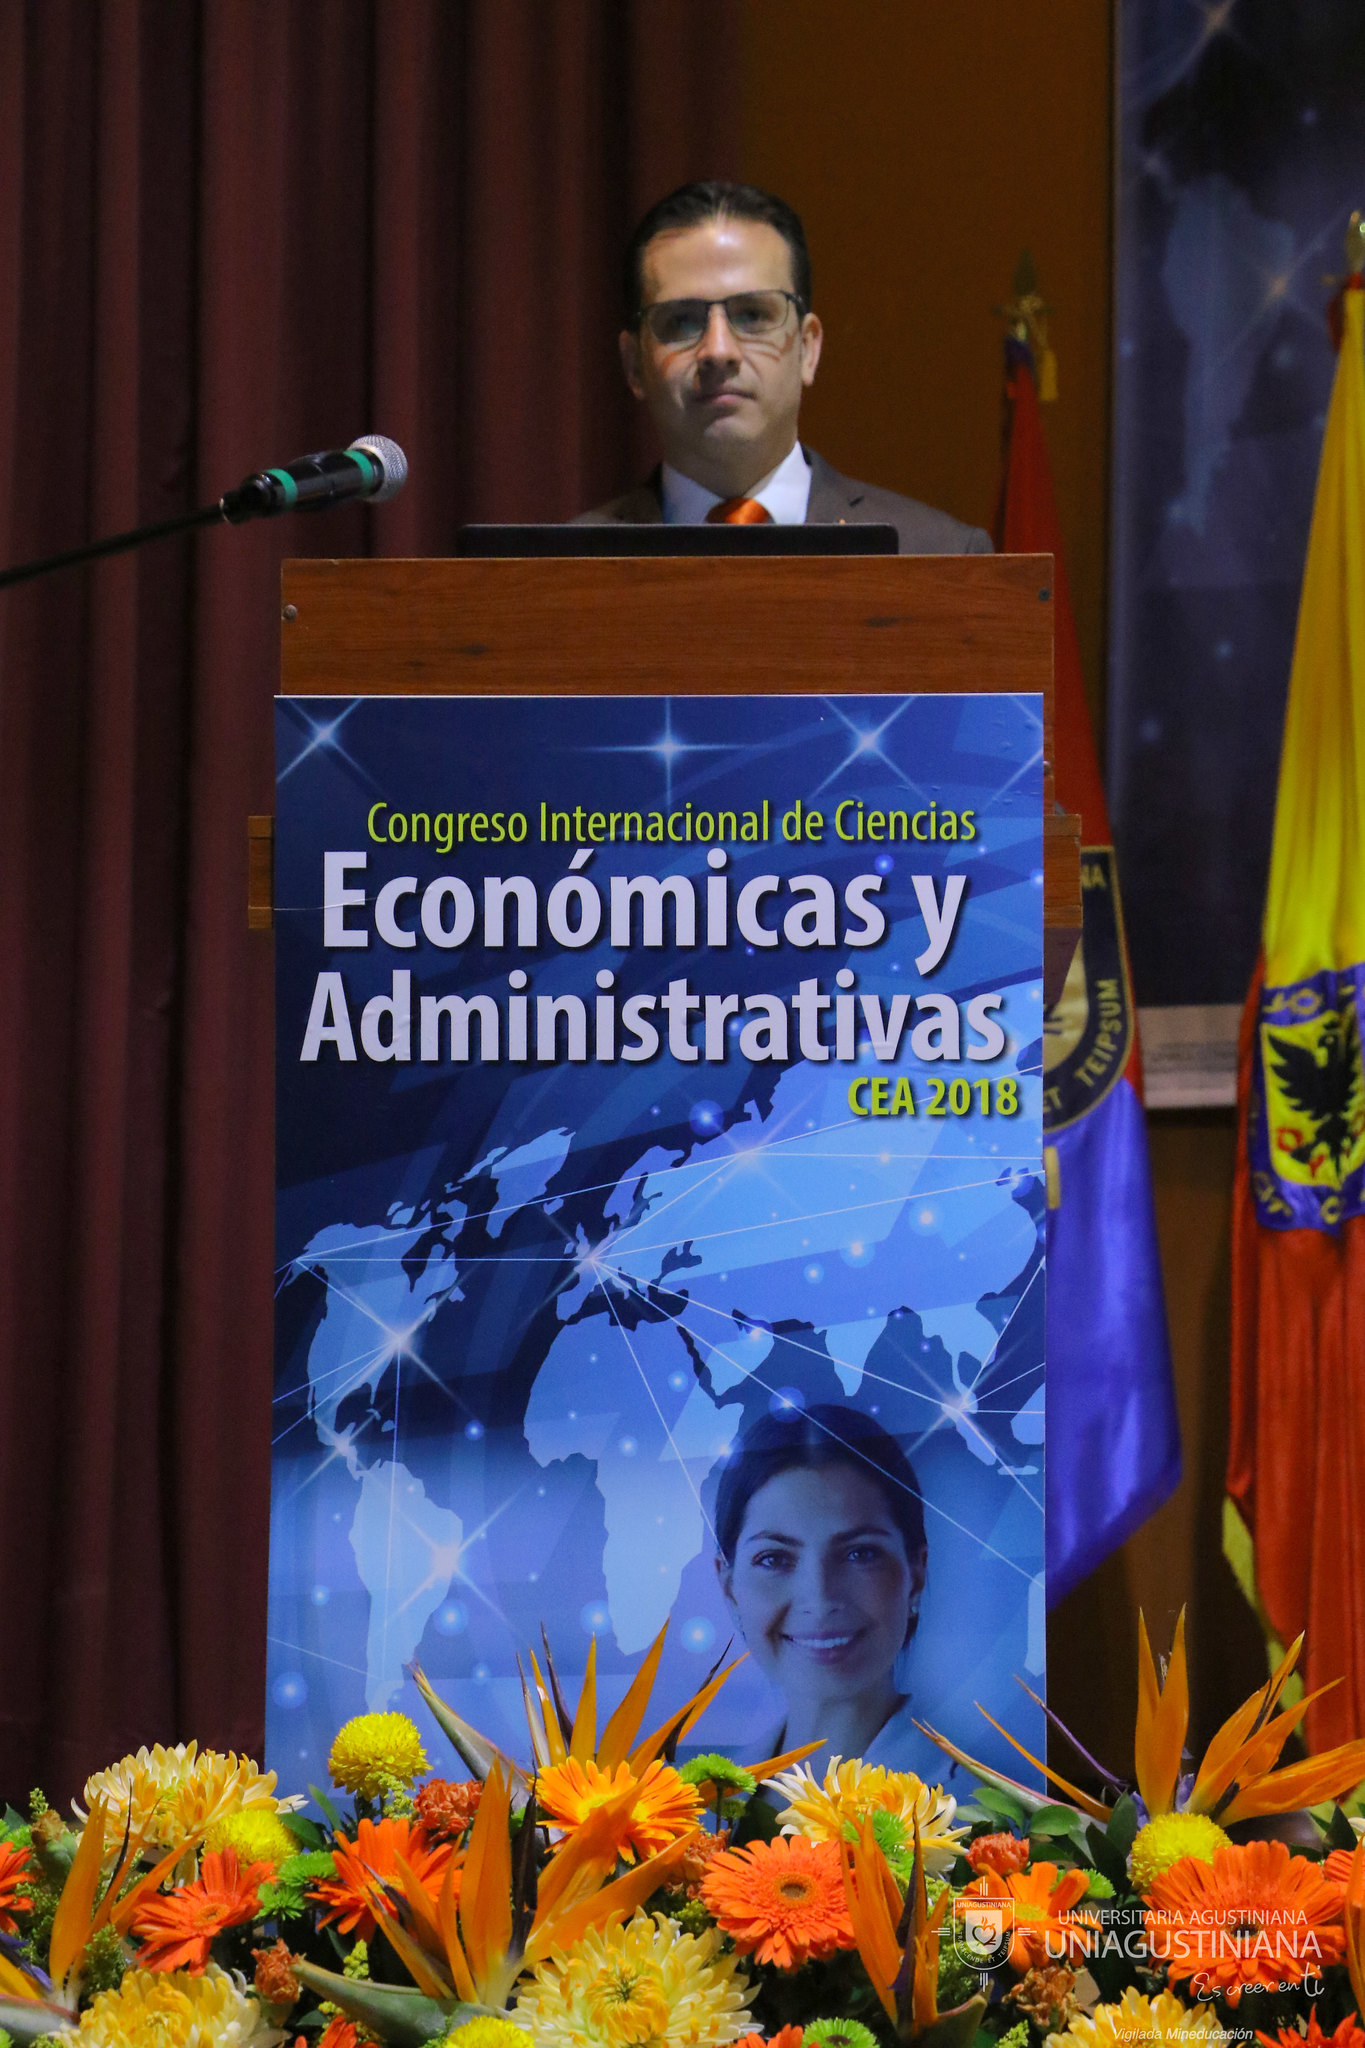 Congreso de Ciencias Económicas y Administrativas